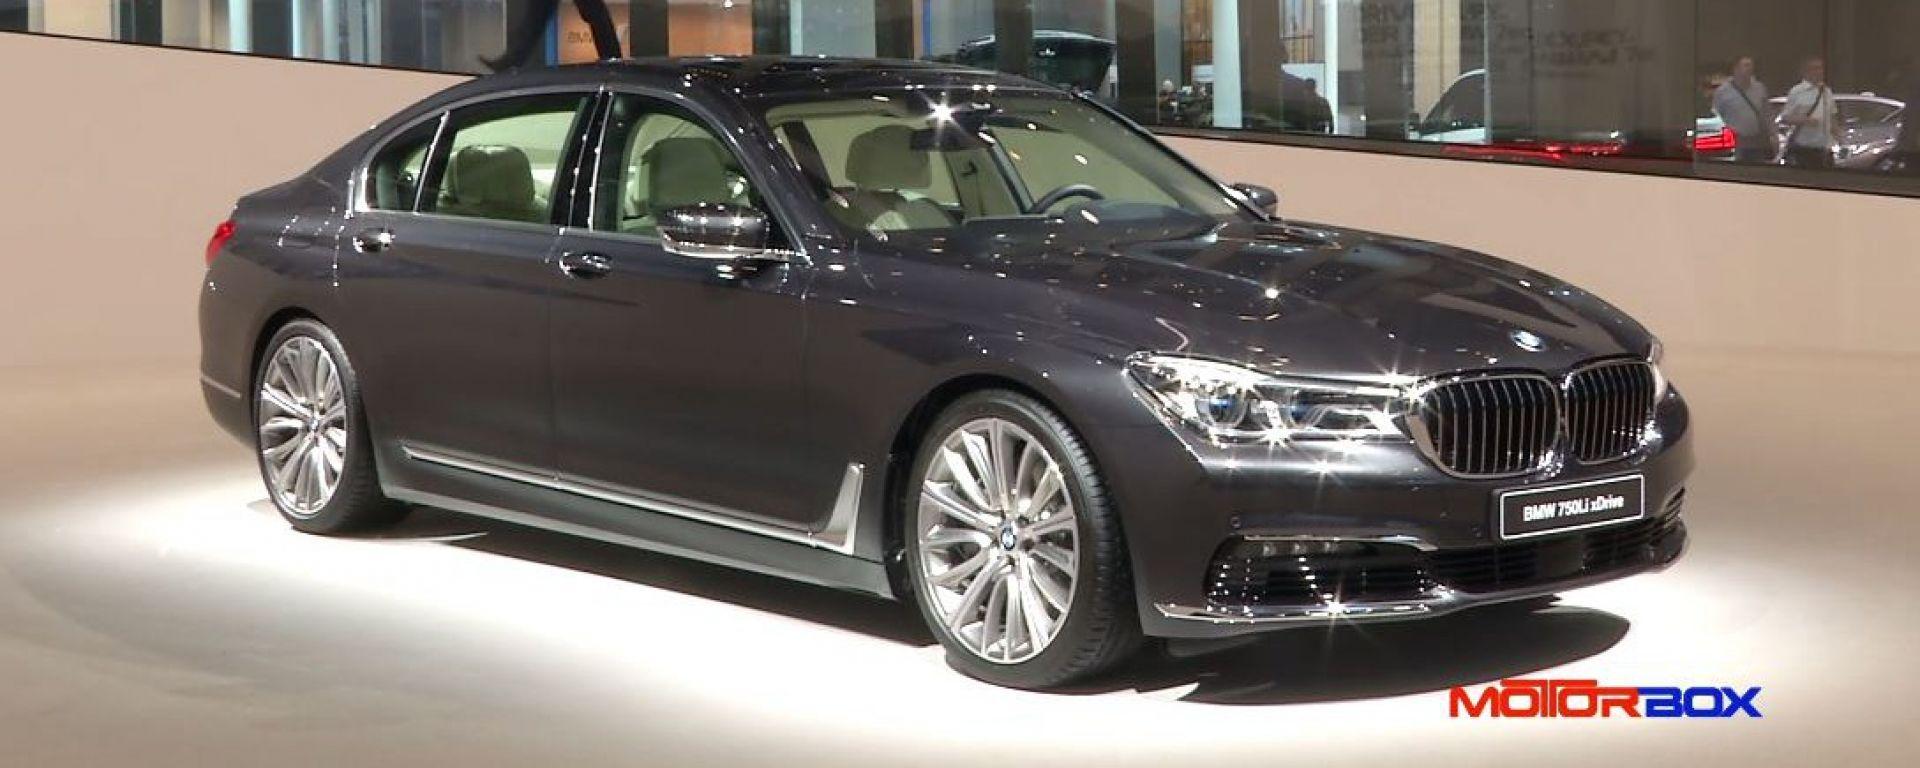 IAA Francoforte 2015: le novità del Gruppo BMW